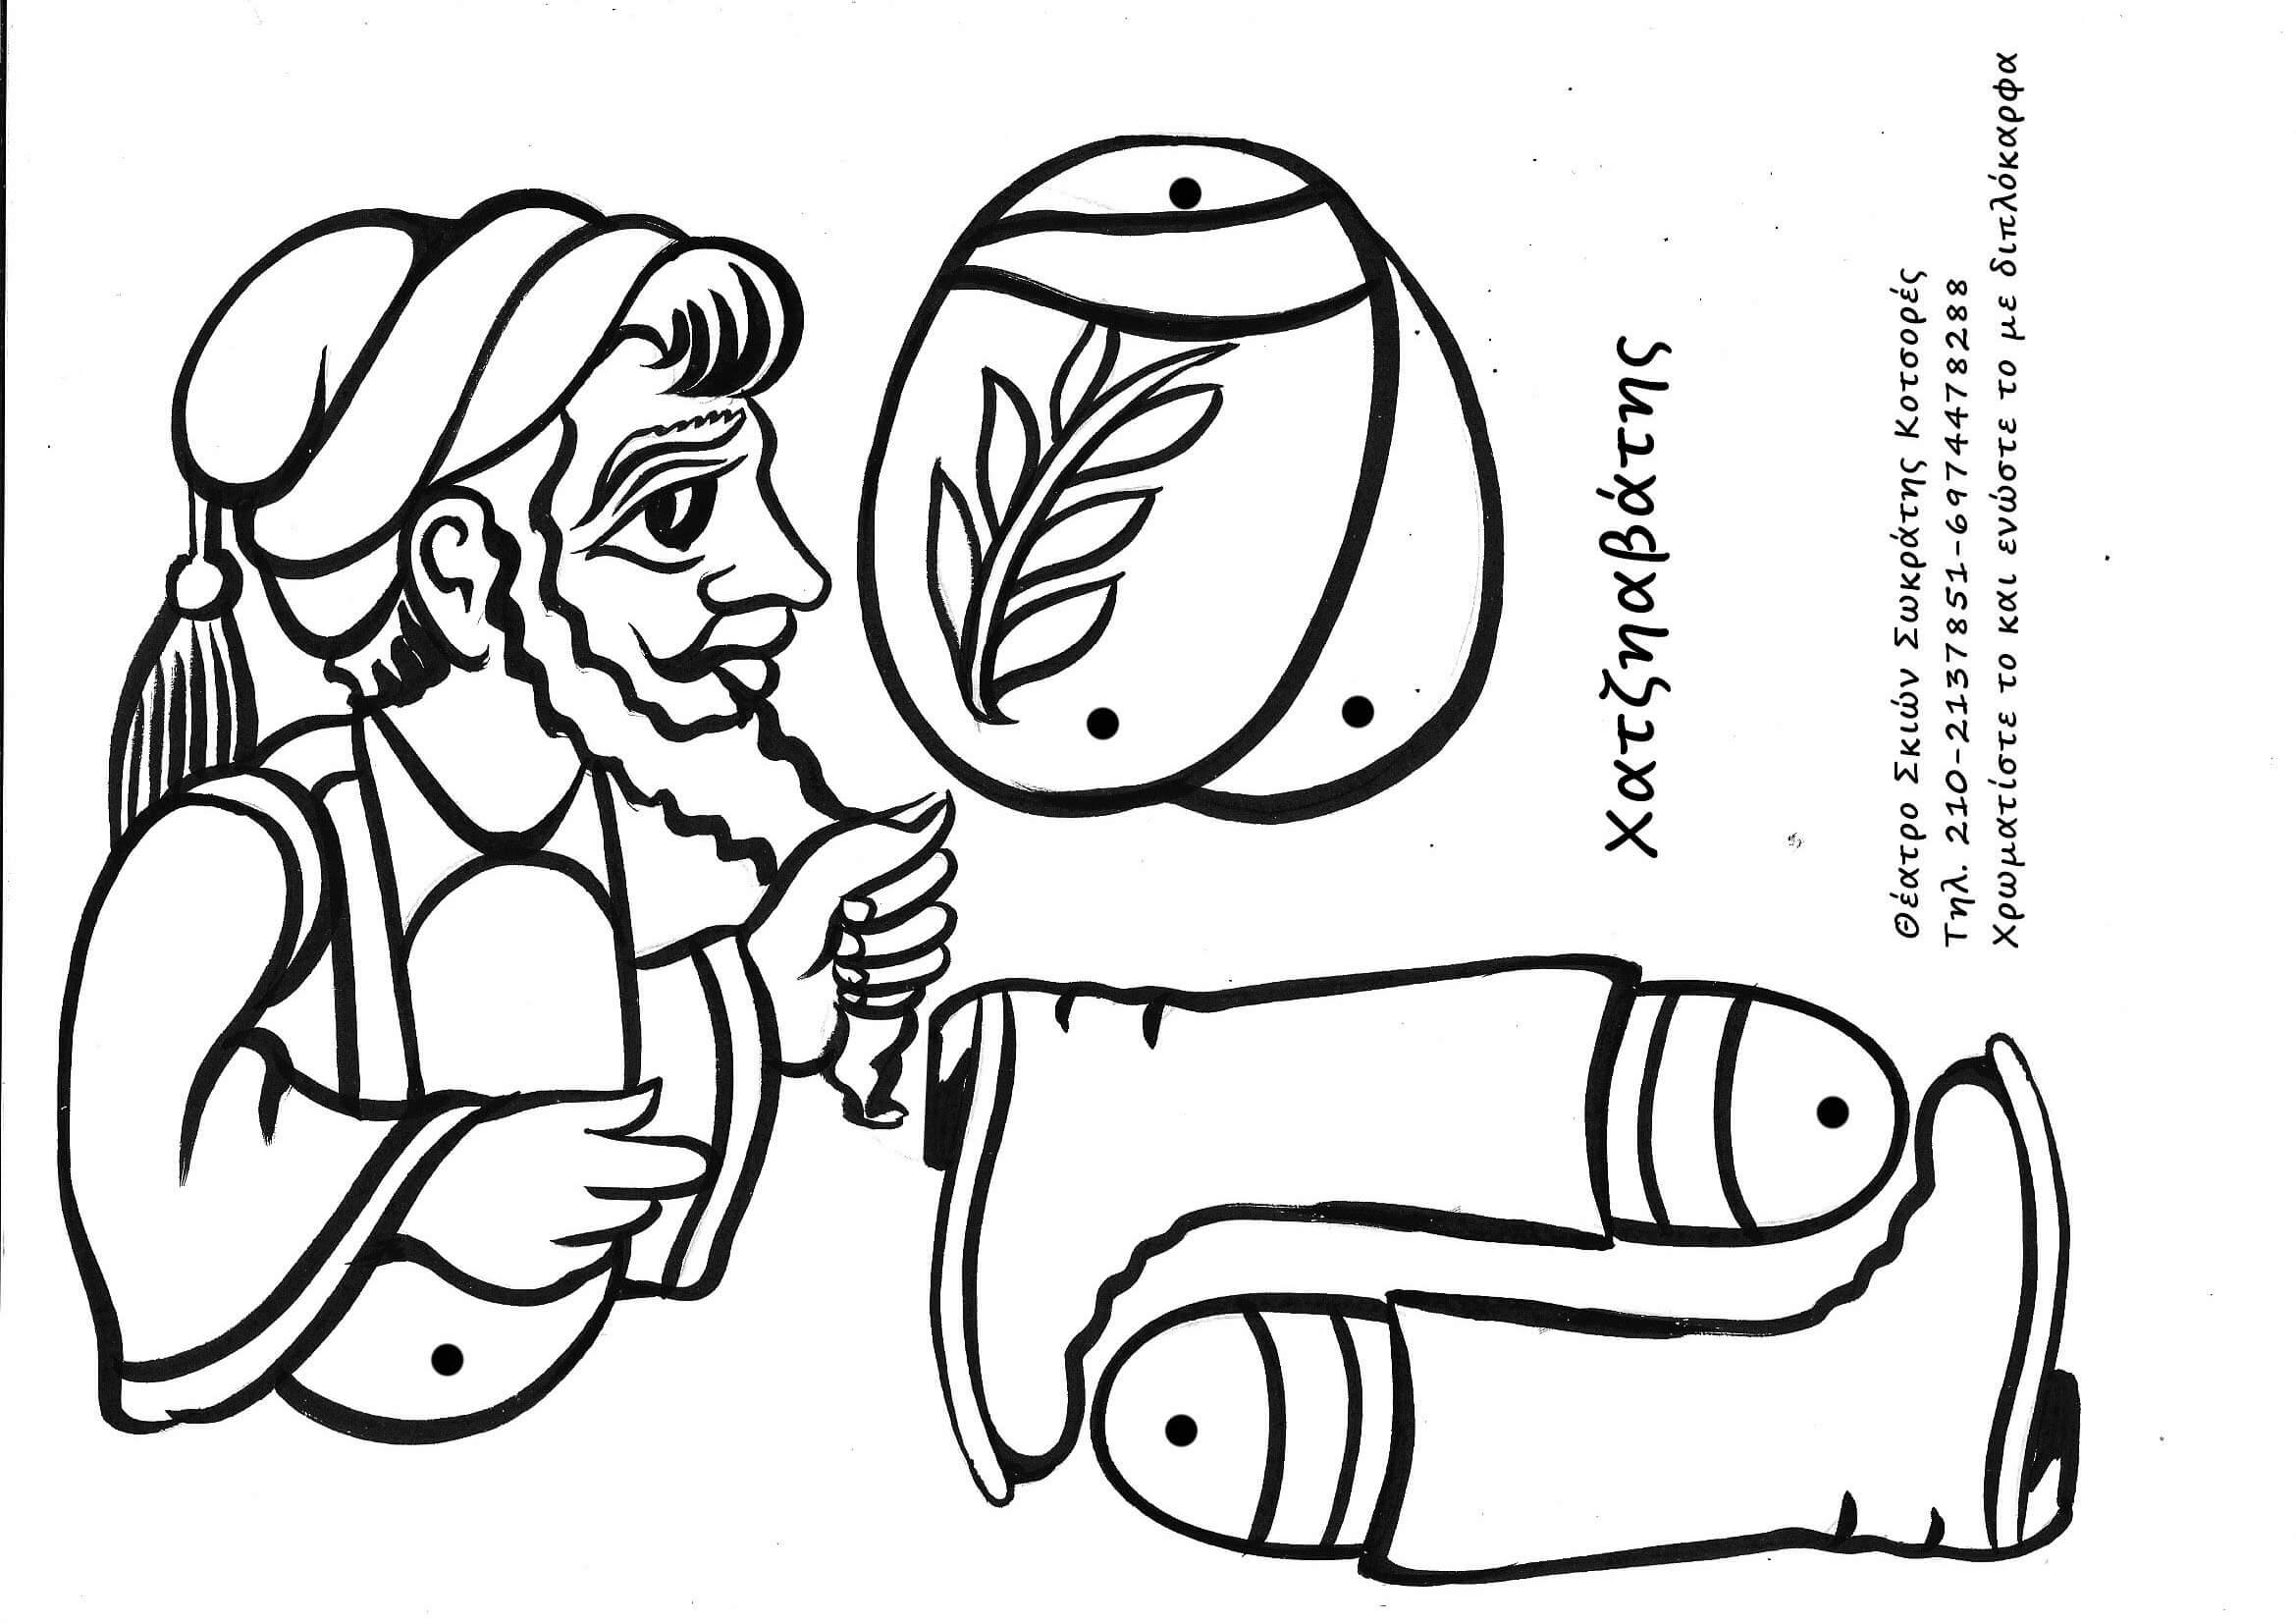 Ο Χατζηαβάτης, φιγούρα για ζωγραφική και χαρτοκοπτική.